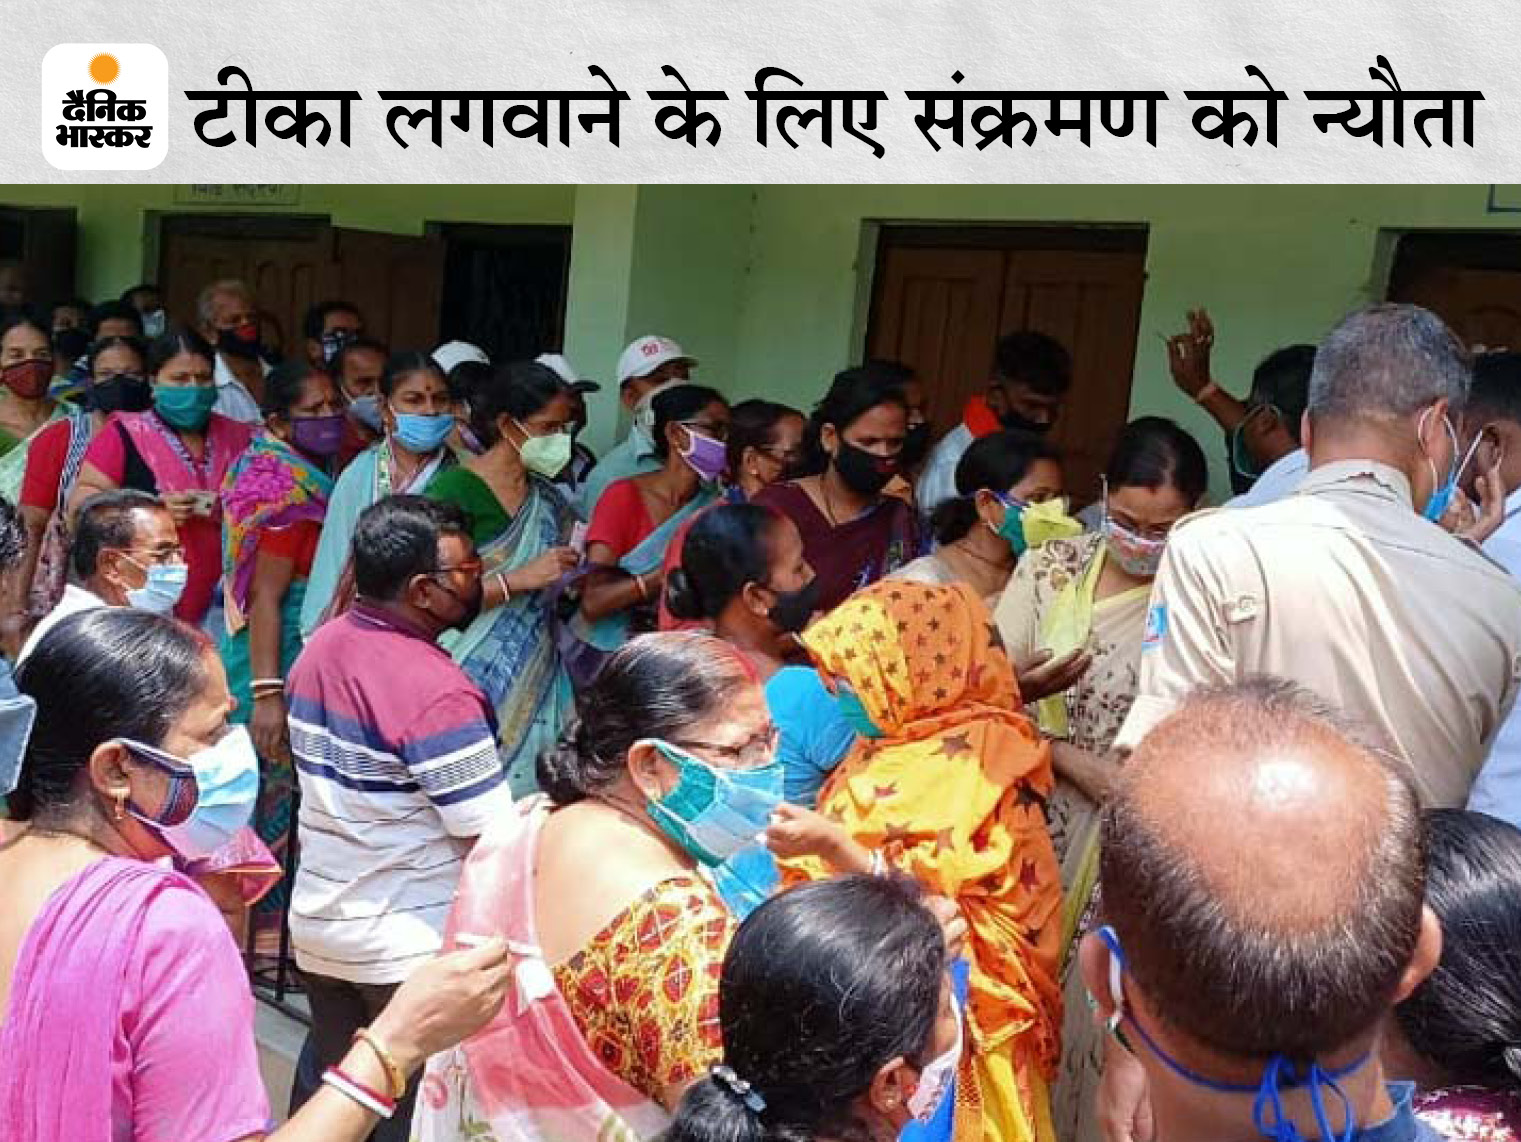 टीका लगवाने के लिए जुट गई एक ही जगह 500 लोगों की भीड़, 180 का ही हो सका वैक्सीनेशन|झारखंड,Jharkhand - Dainik Bhaskar